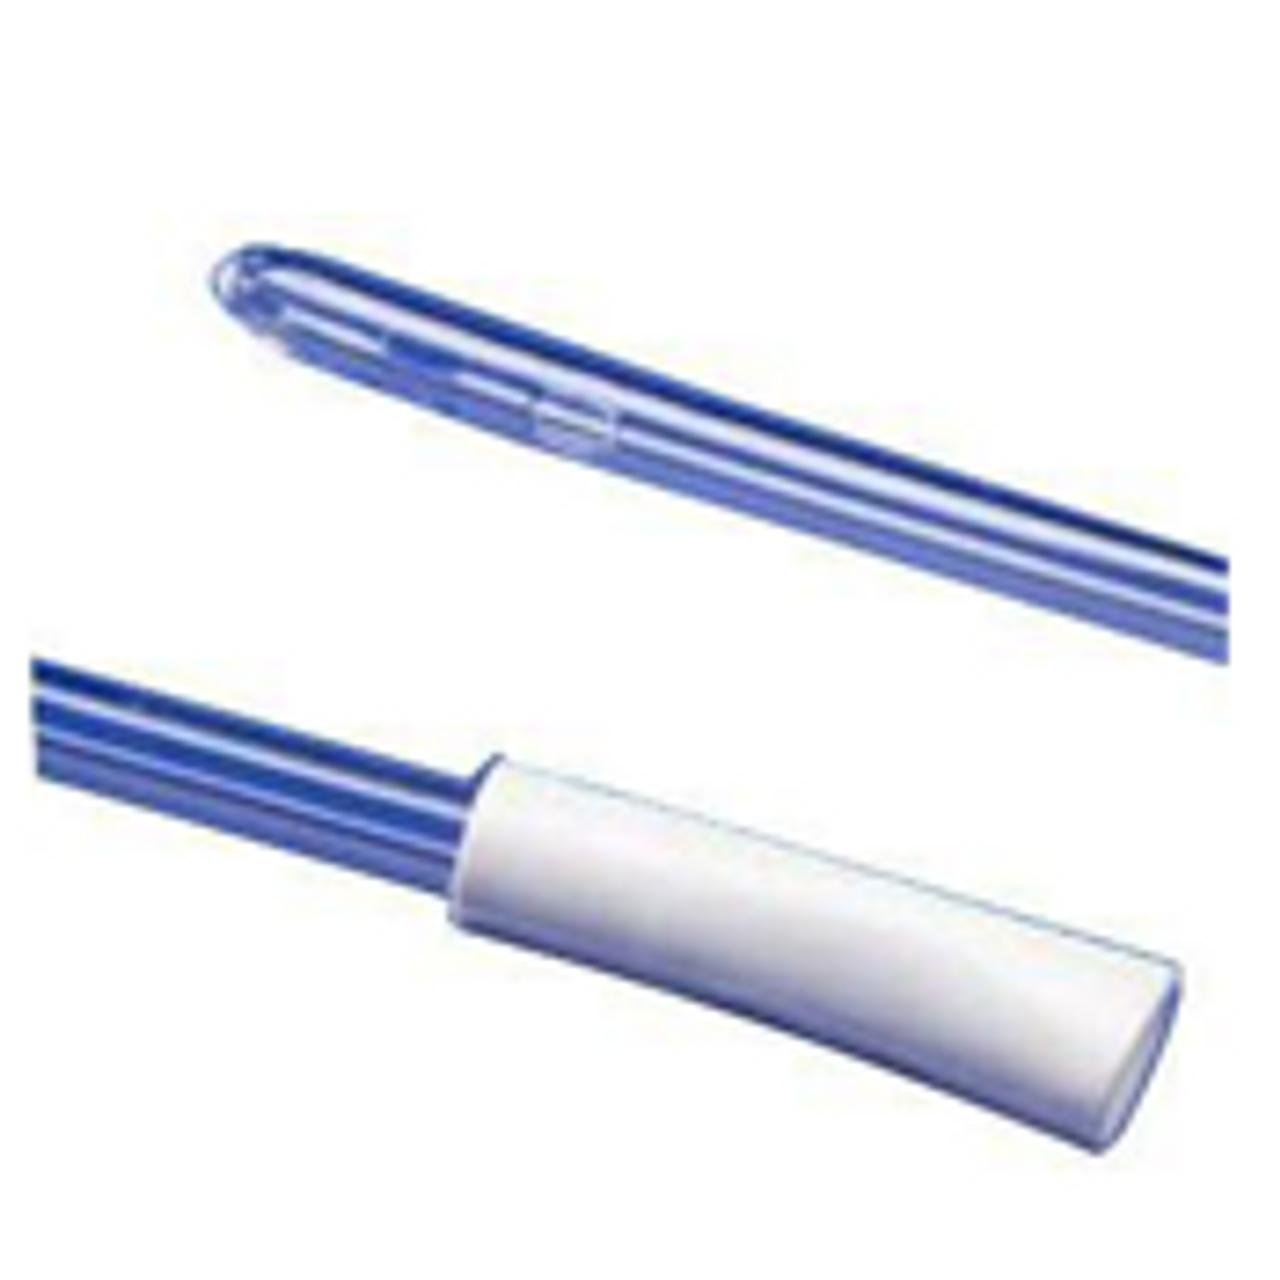 Intermittent Catheters